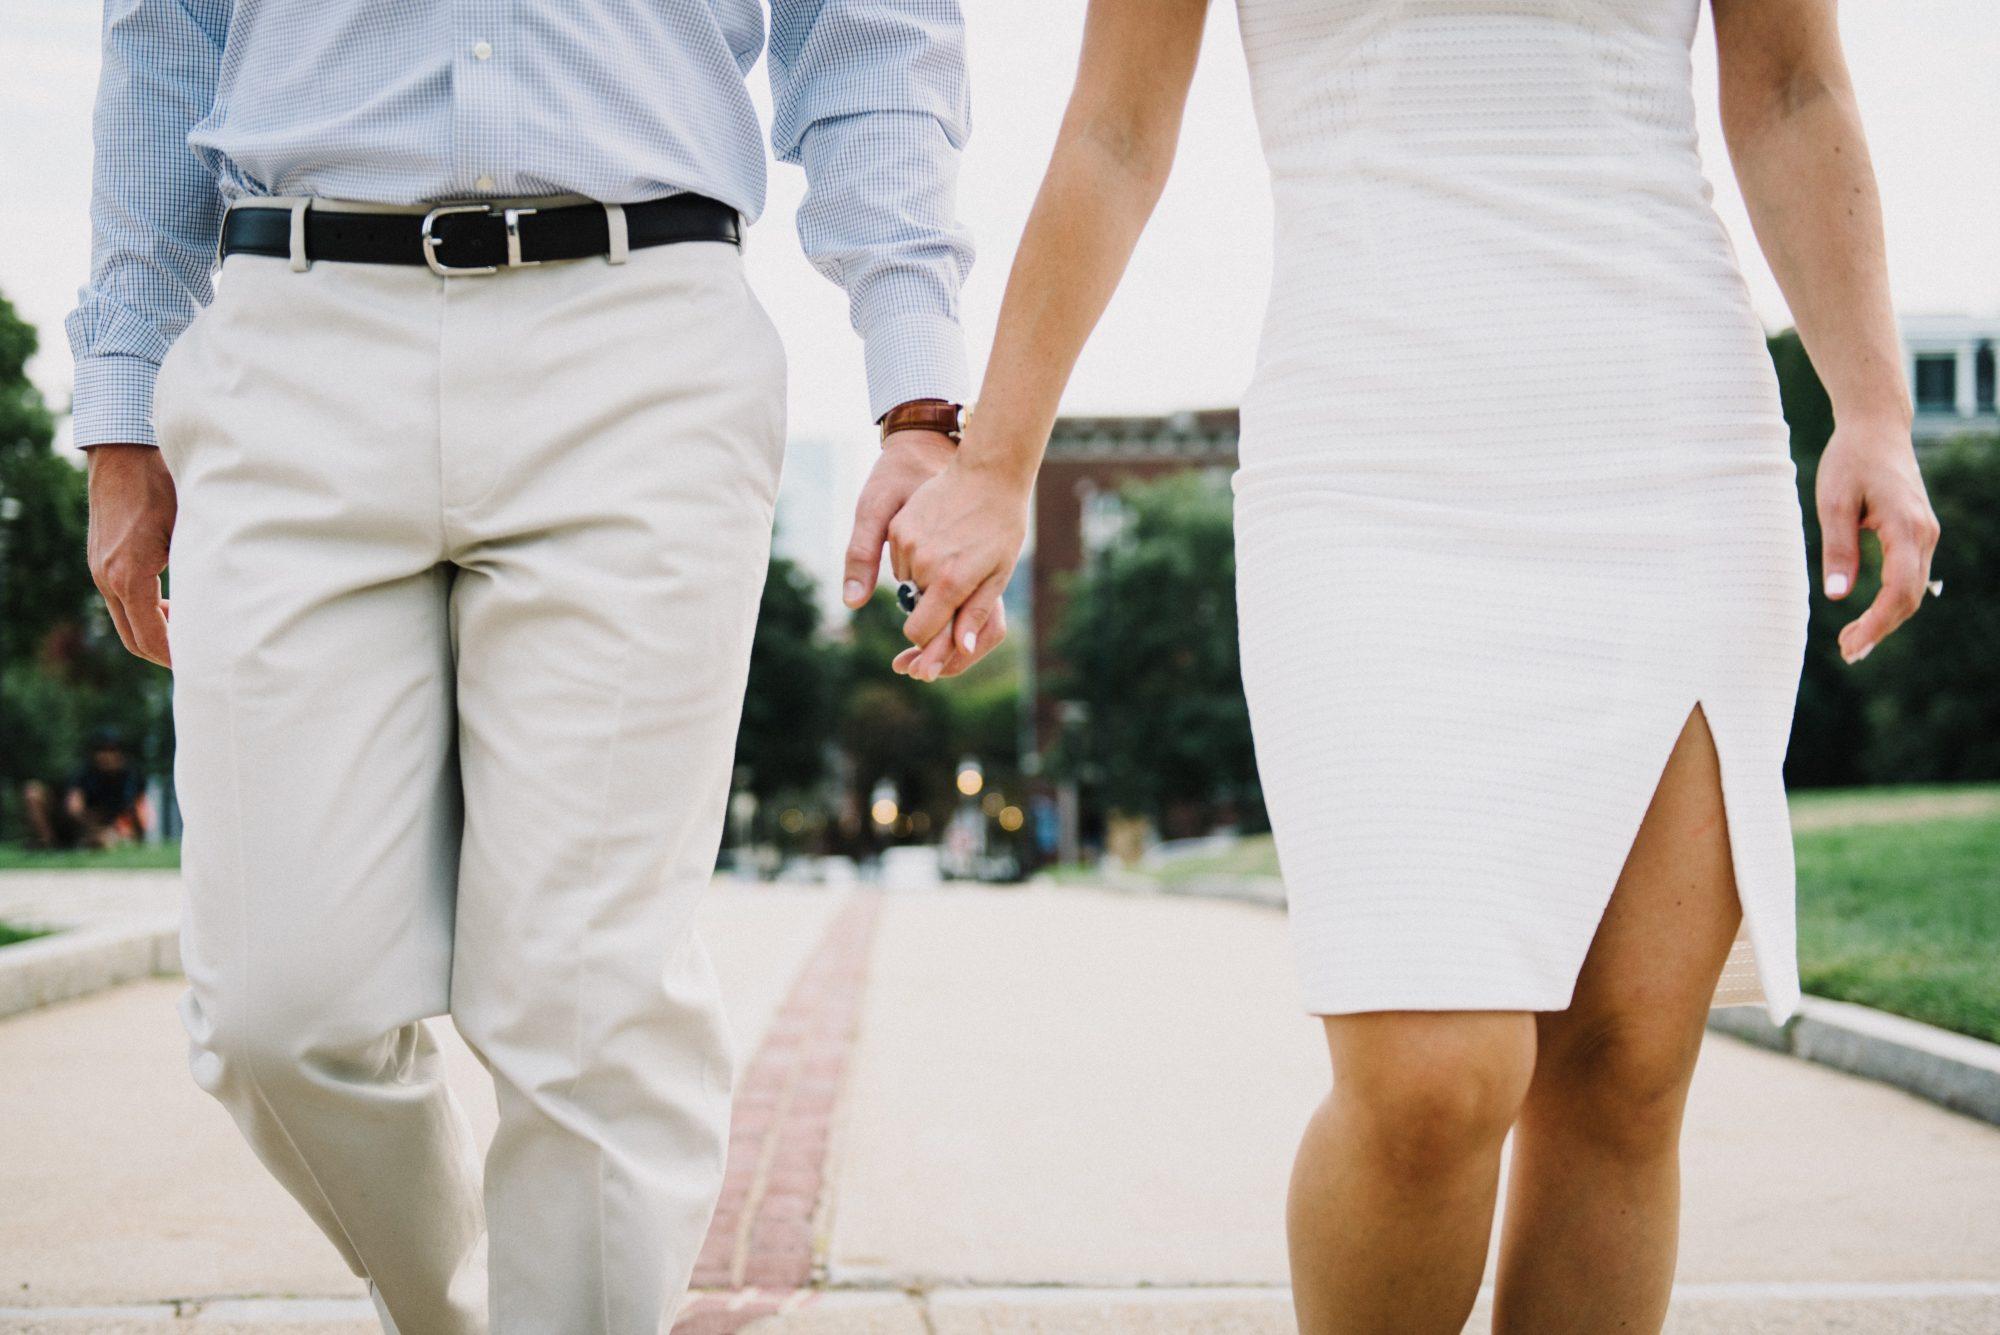 comment s habiller pour une première rencontre avec un homme